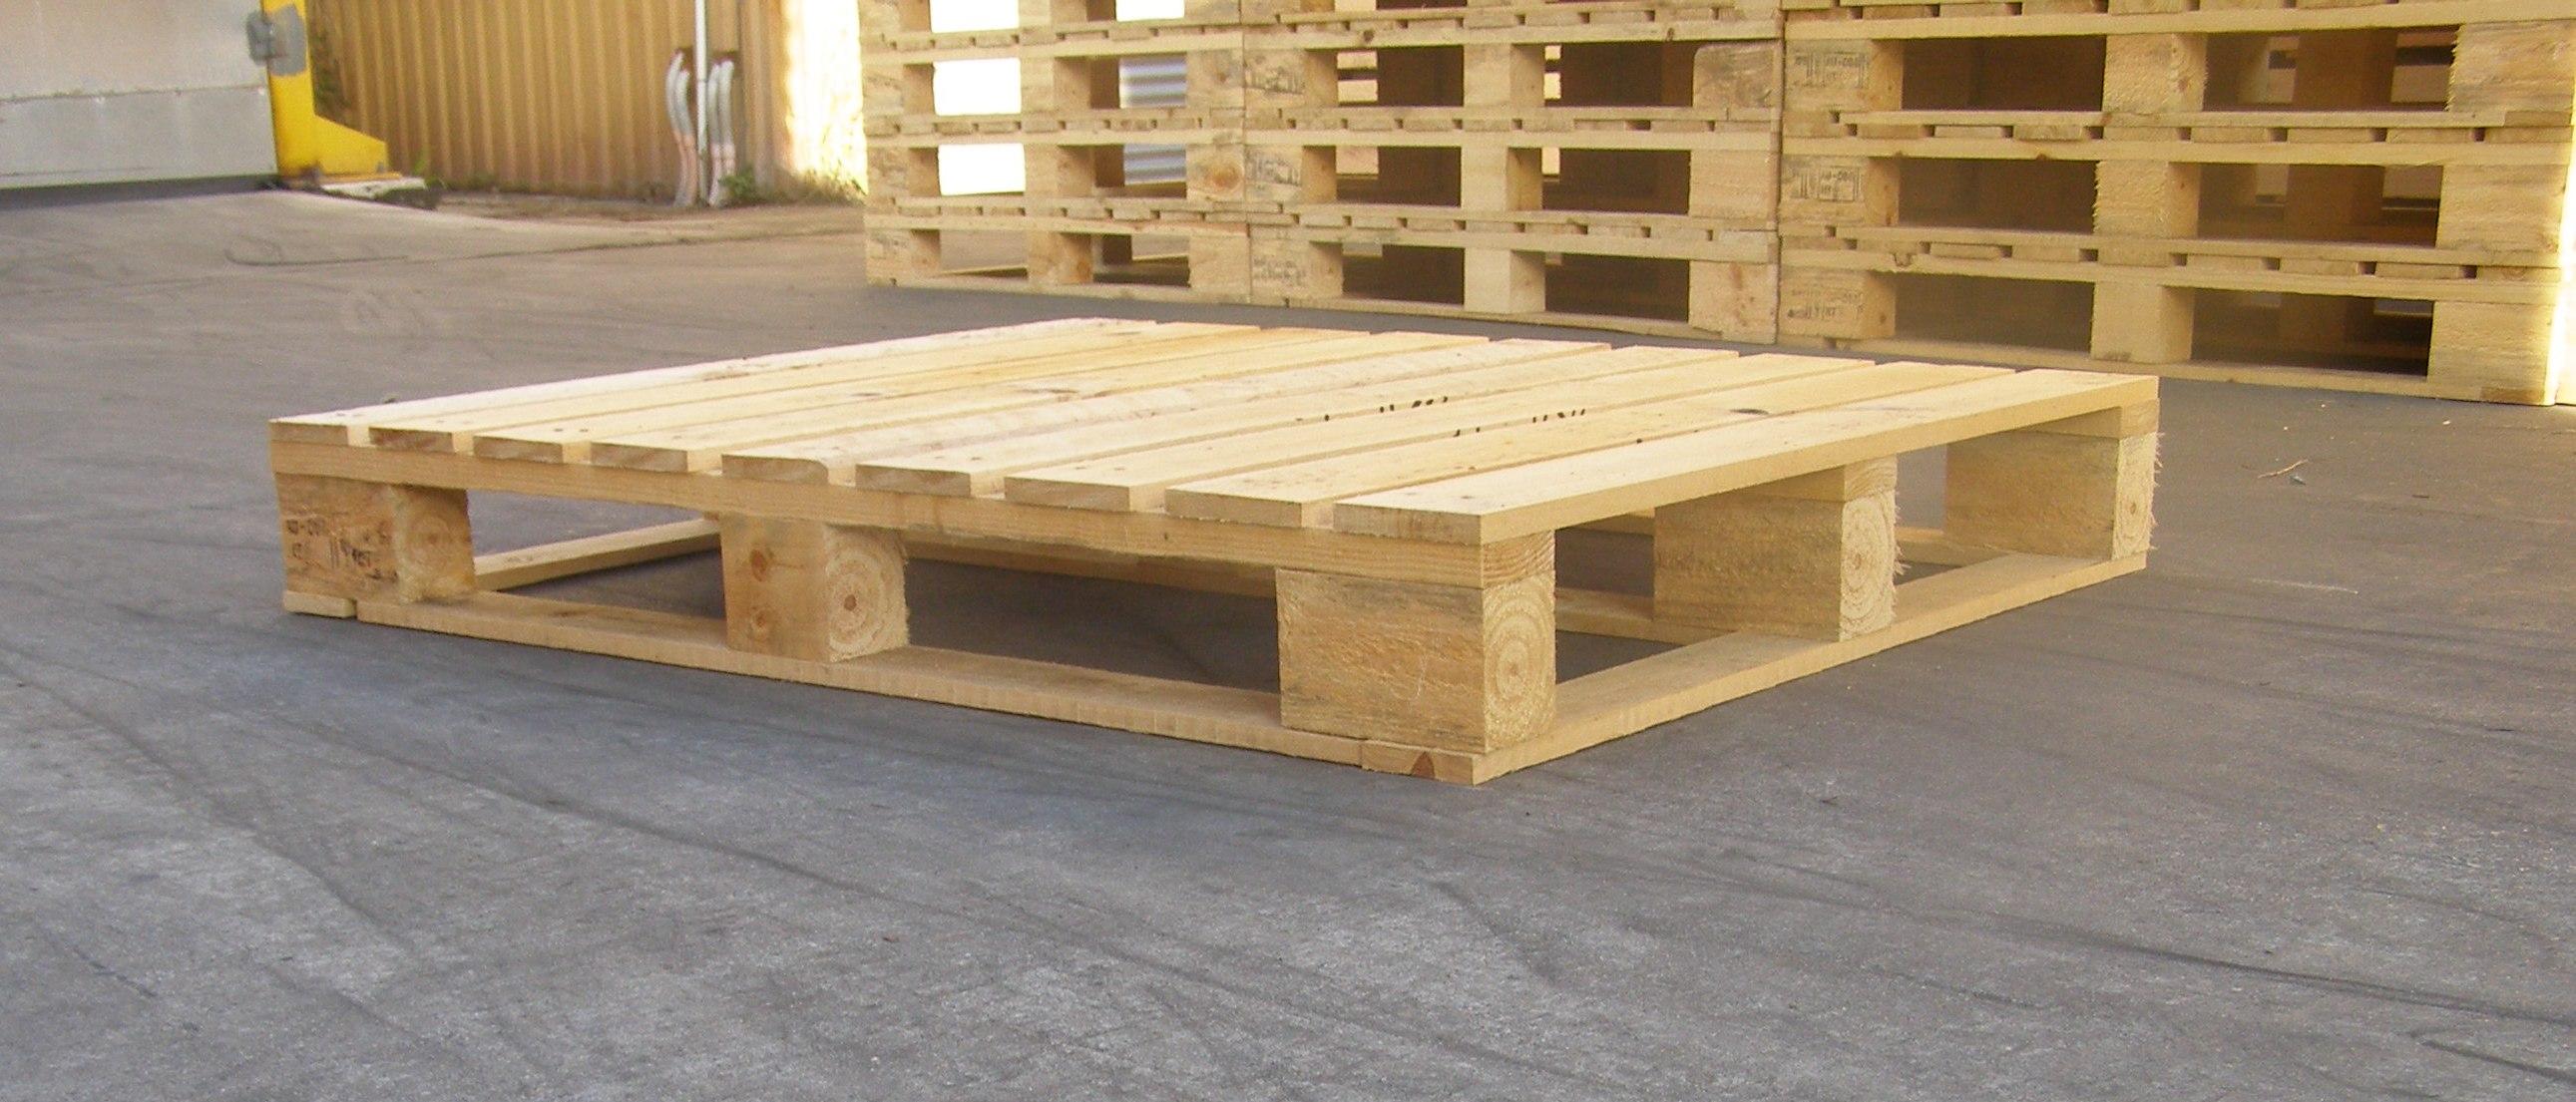 Использование старых деревянных поддонов в быту 31